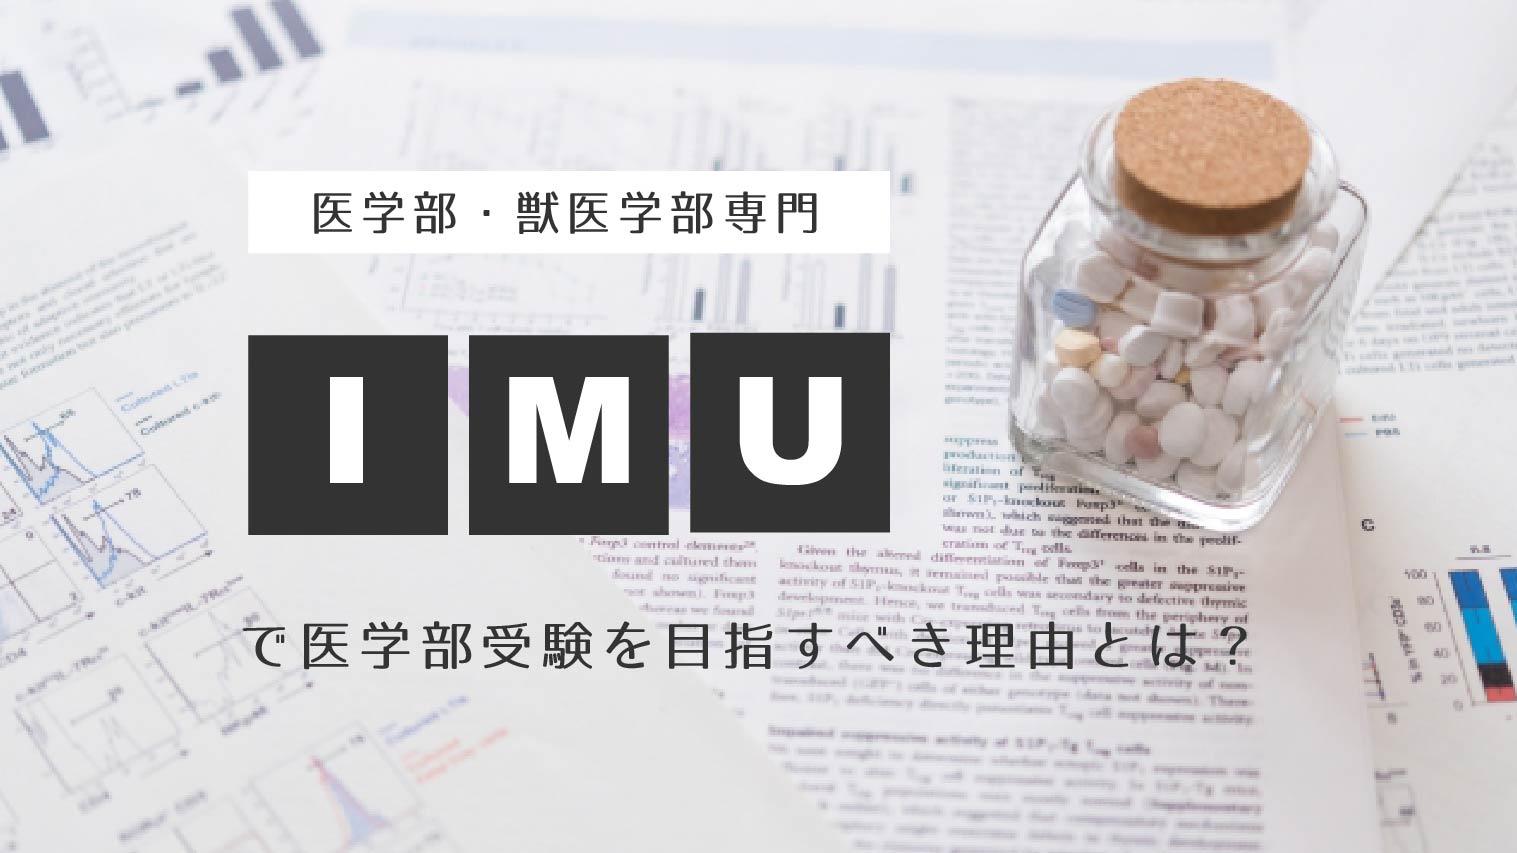 医学部・獣医学部専門「IMU」で医学部受験を目指すべき理由とは?